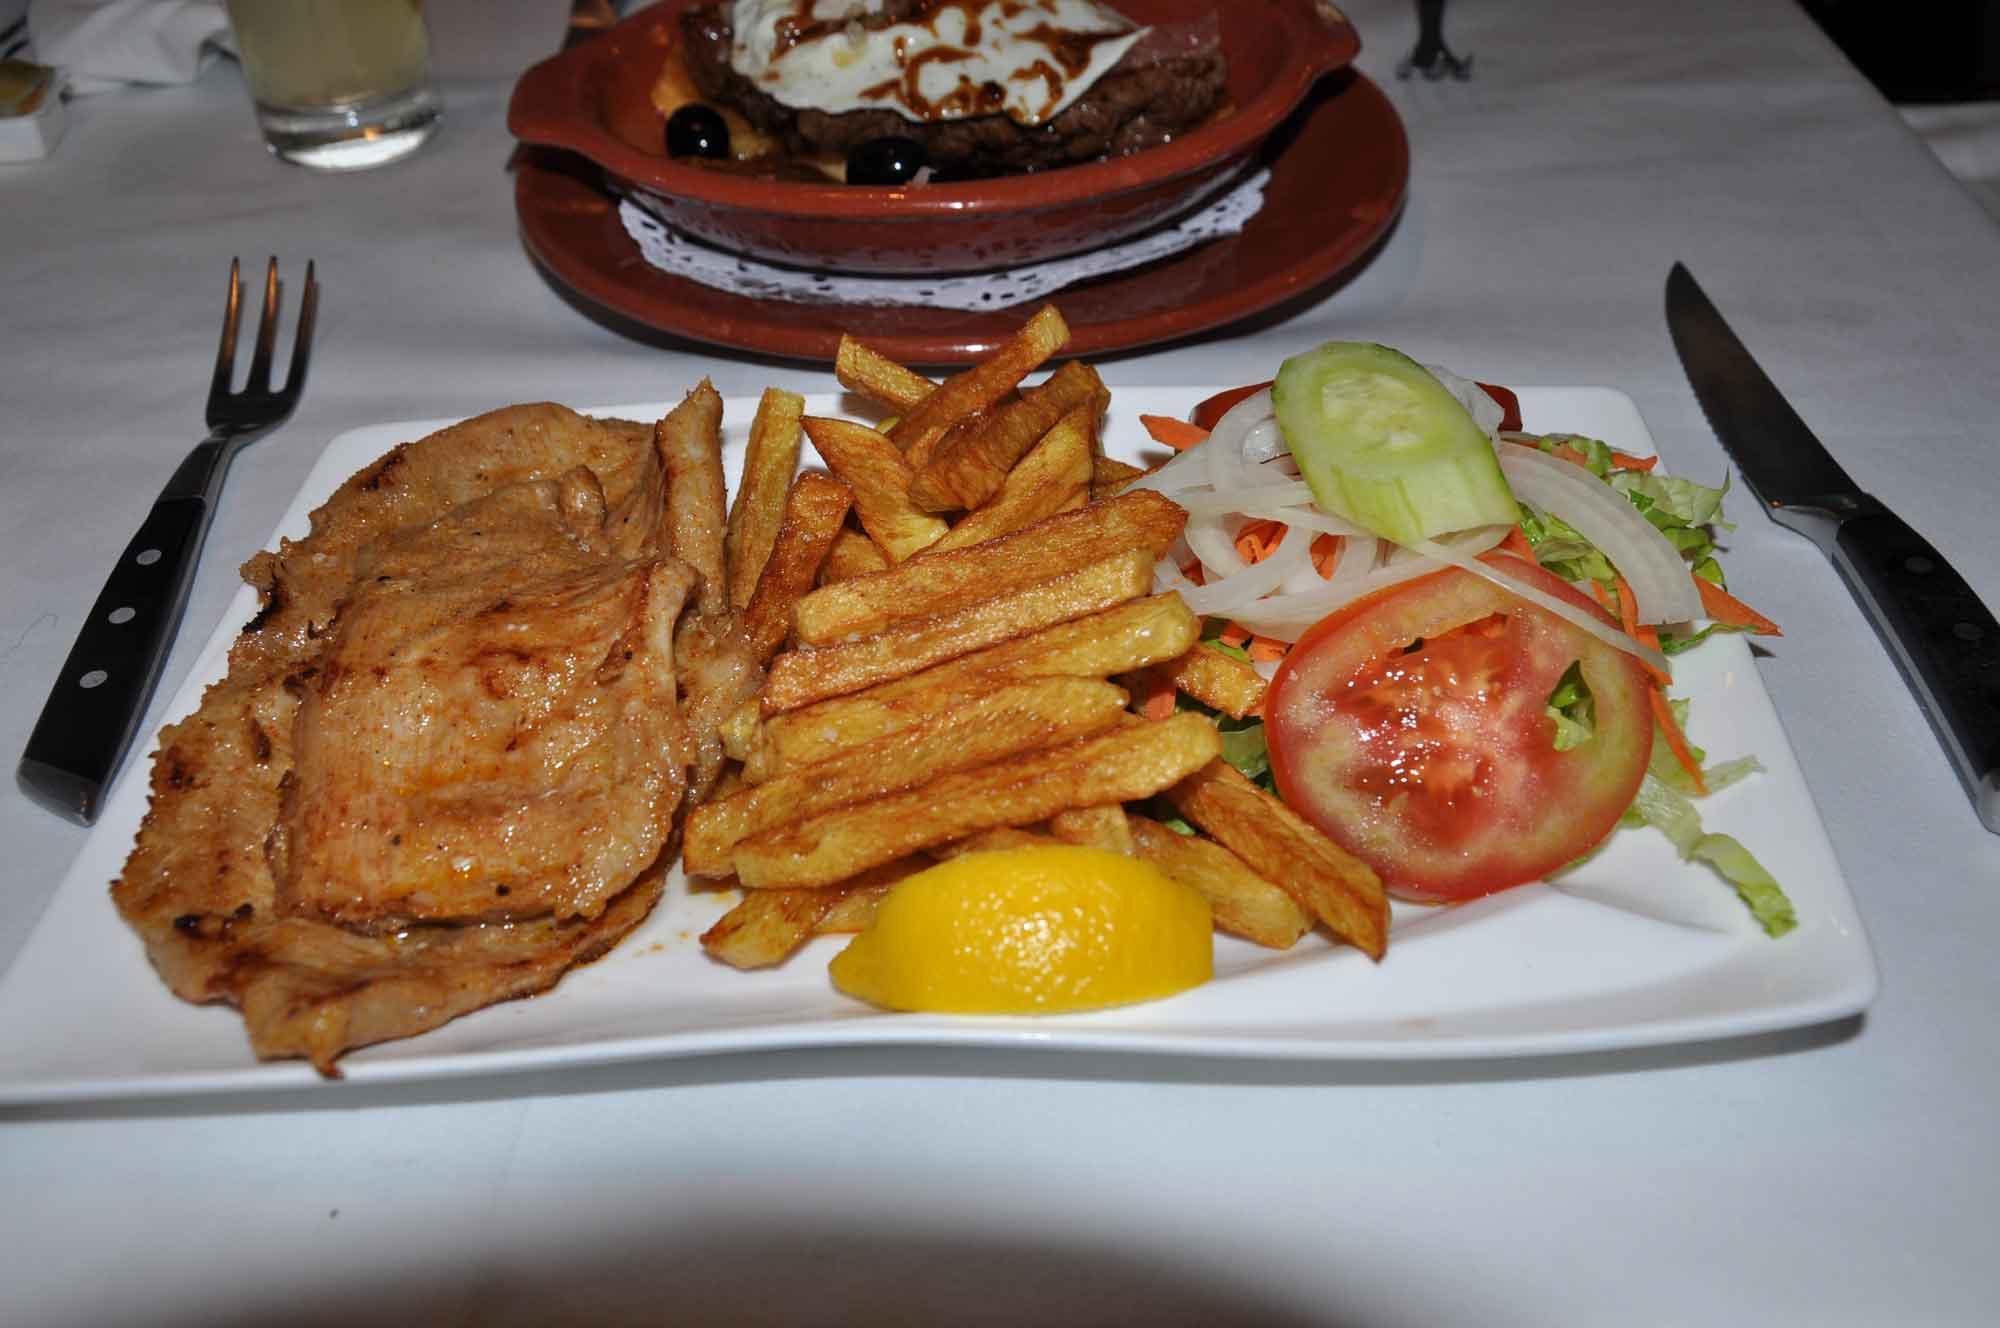 Antonio Macau pork with fries